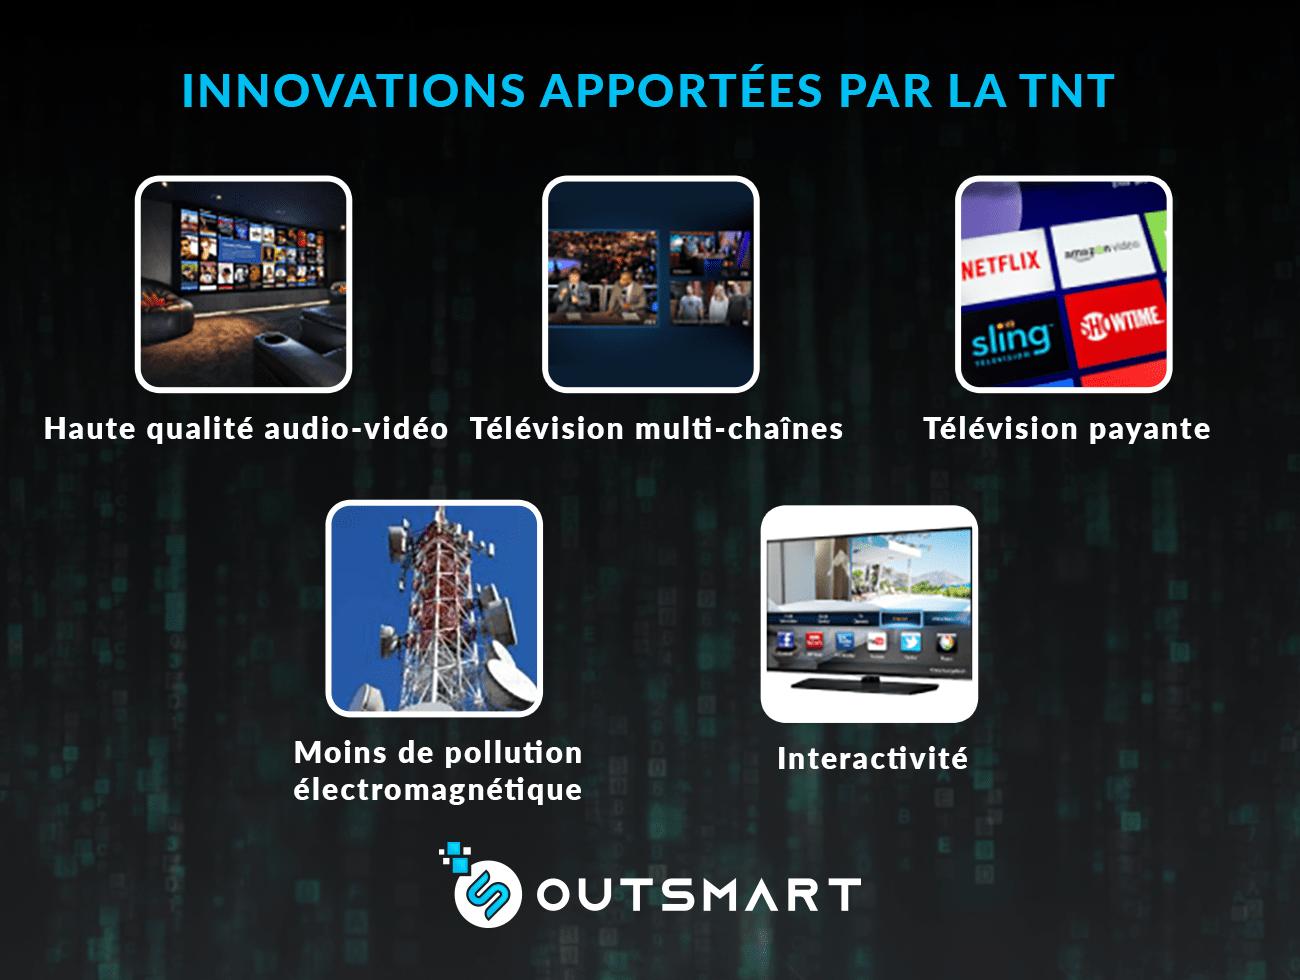 inovations apportées par la TNT